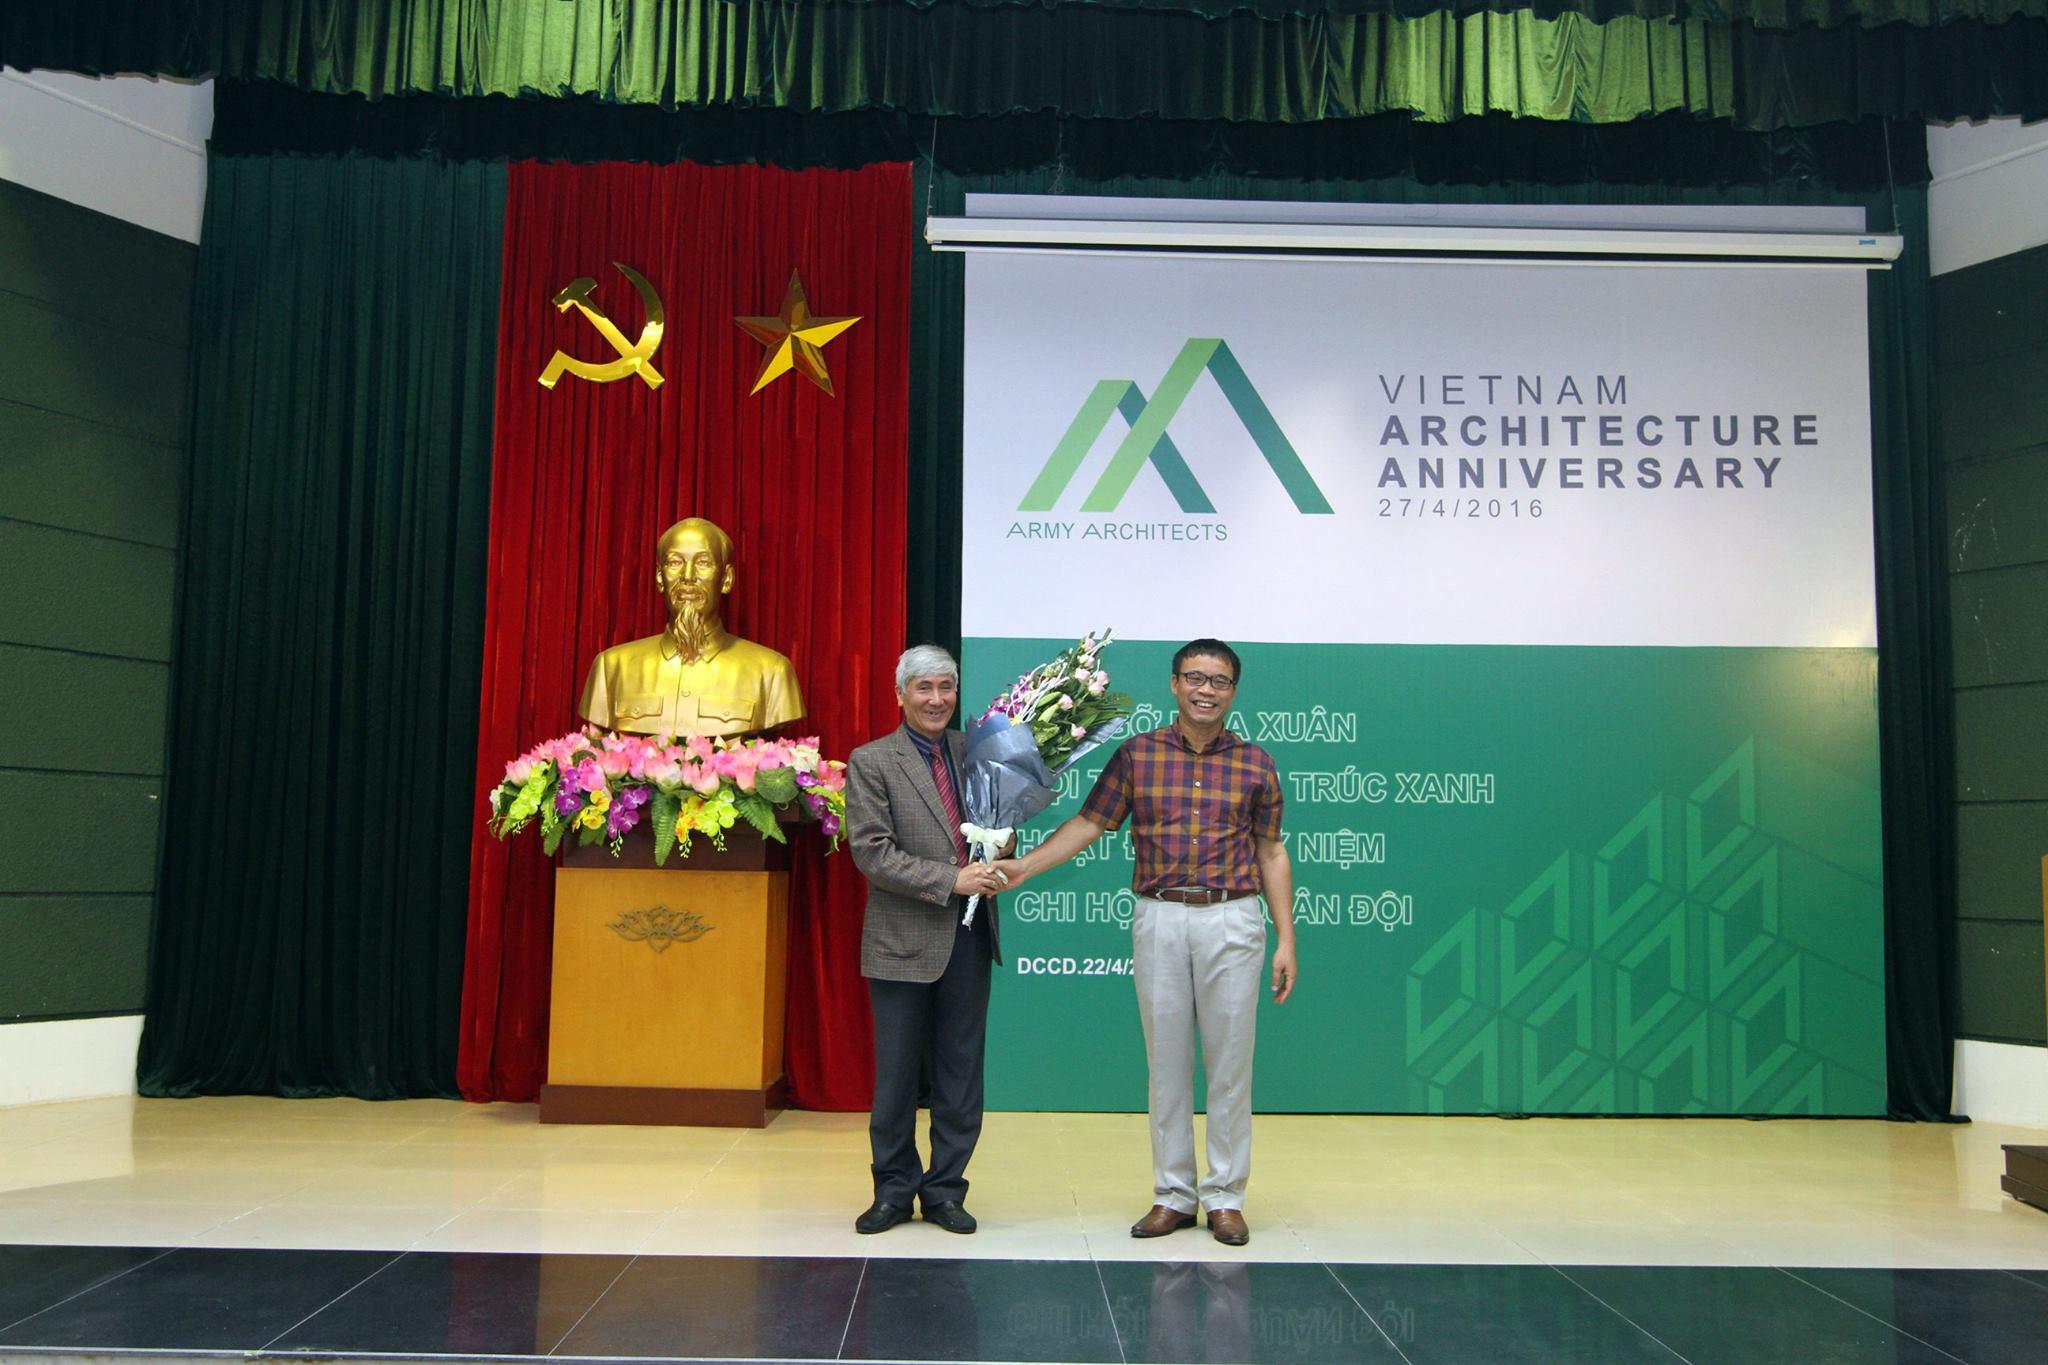 Đại diện Hội KTSVN, KTS Phạm Thanh Tùng tham dự chương trình kỷ niệm Ngày Kiến trúc Việt Nam